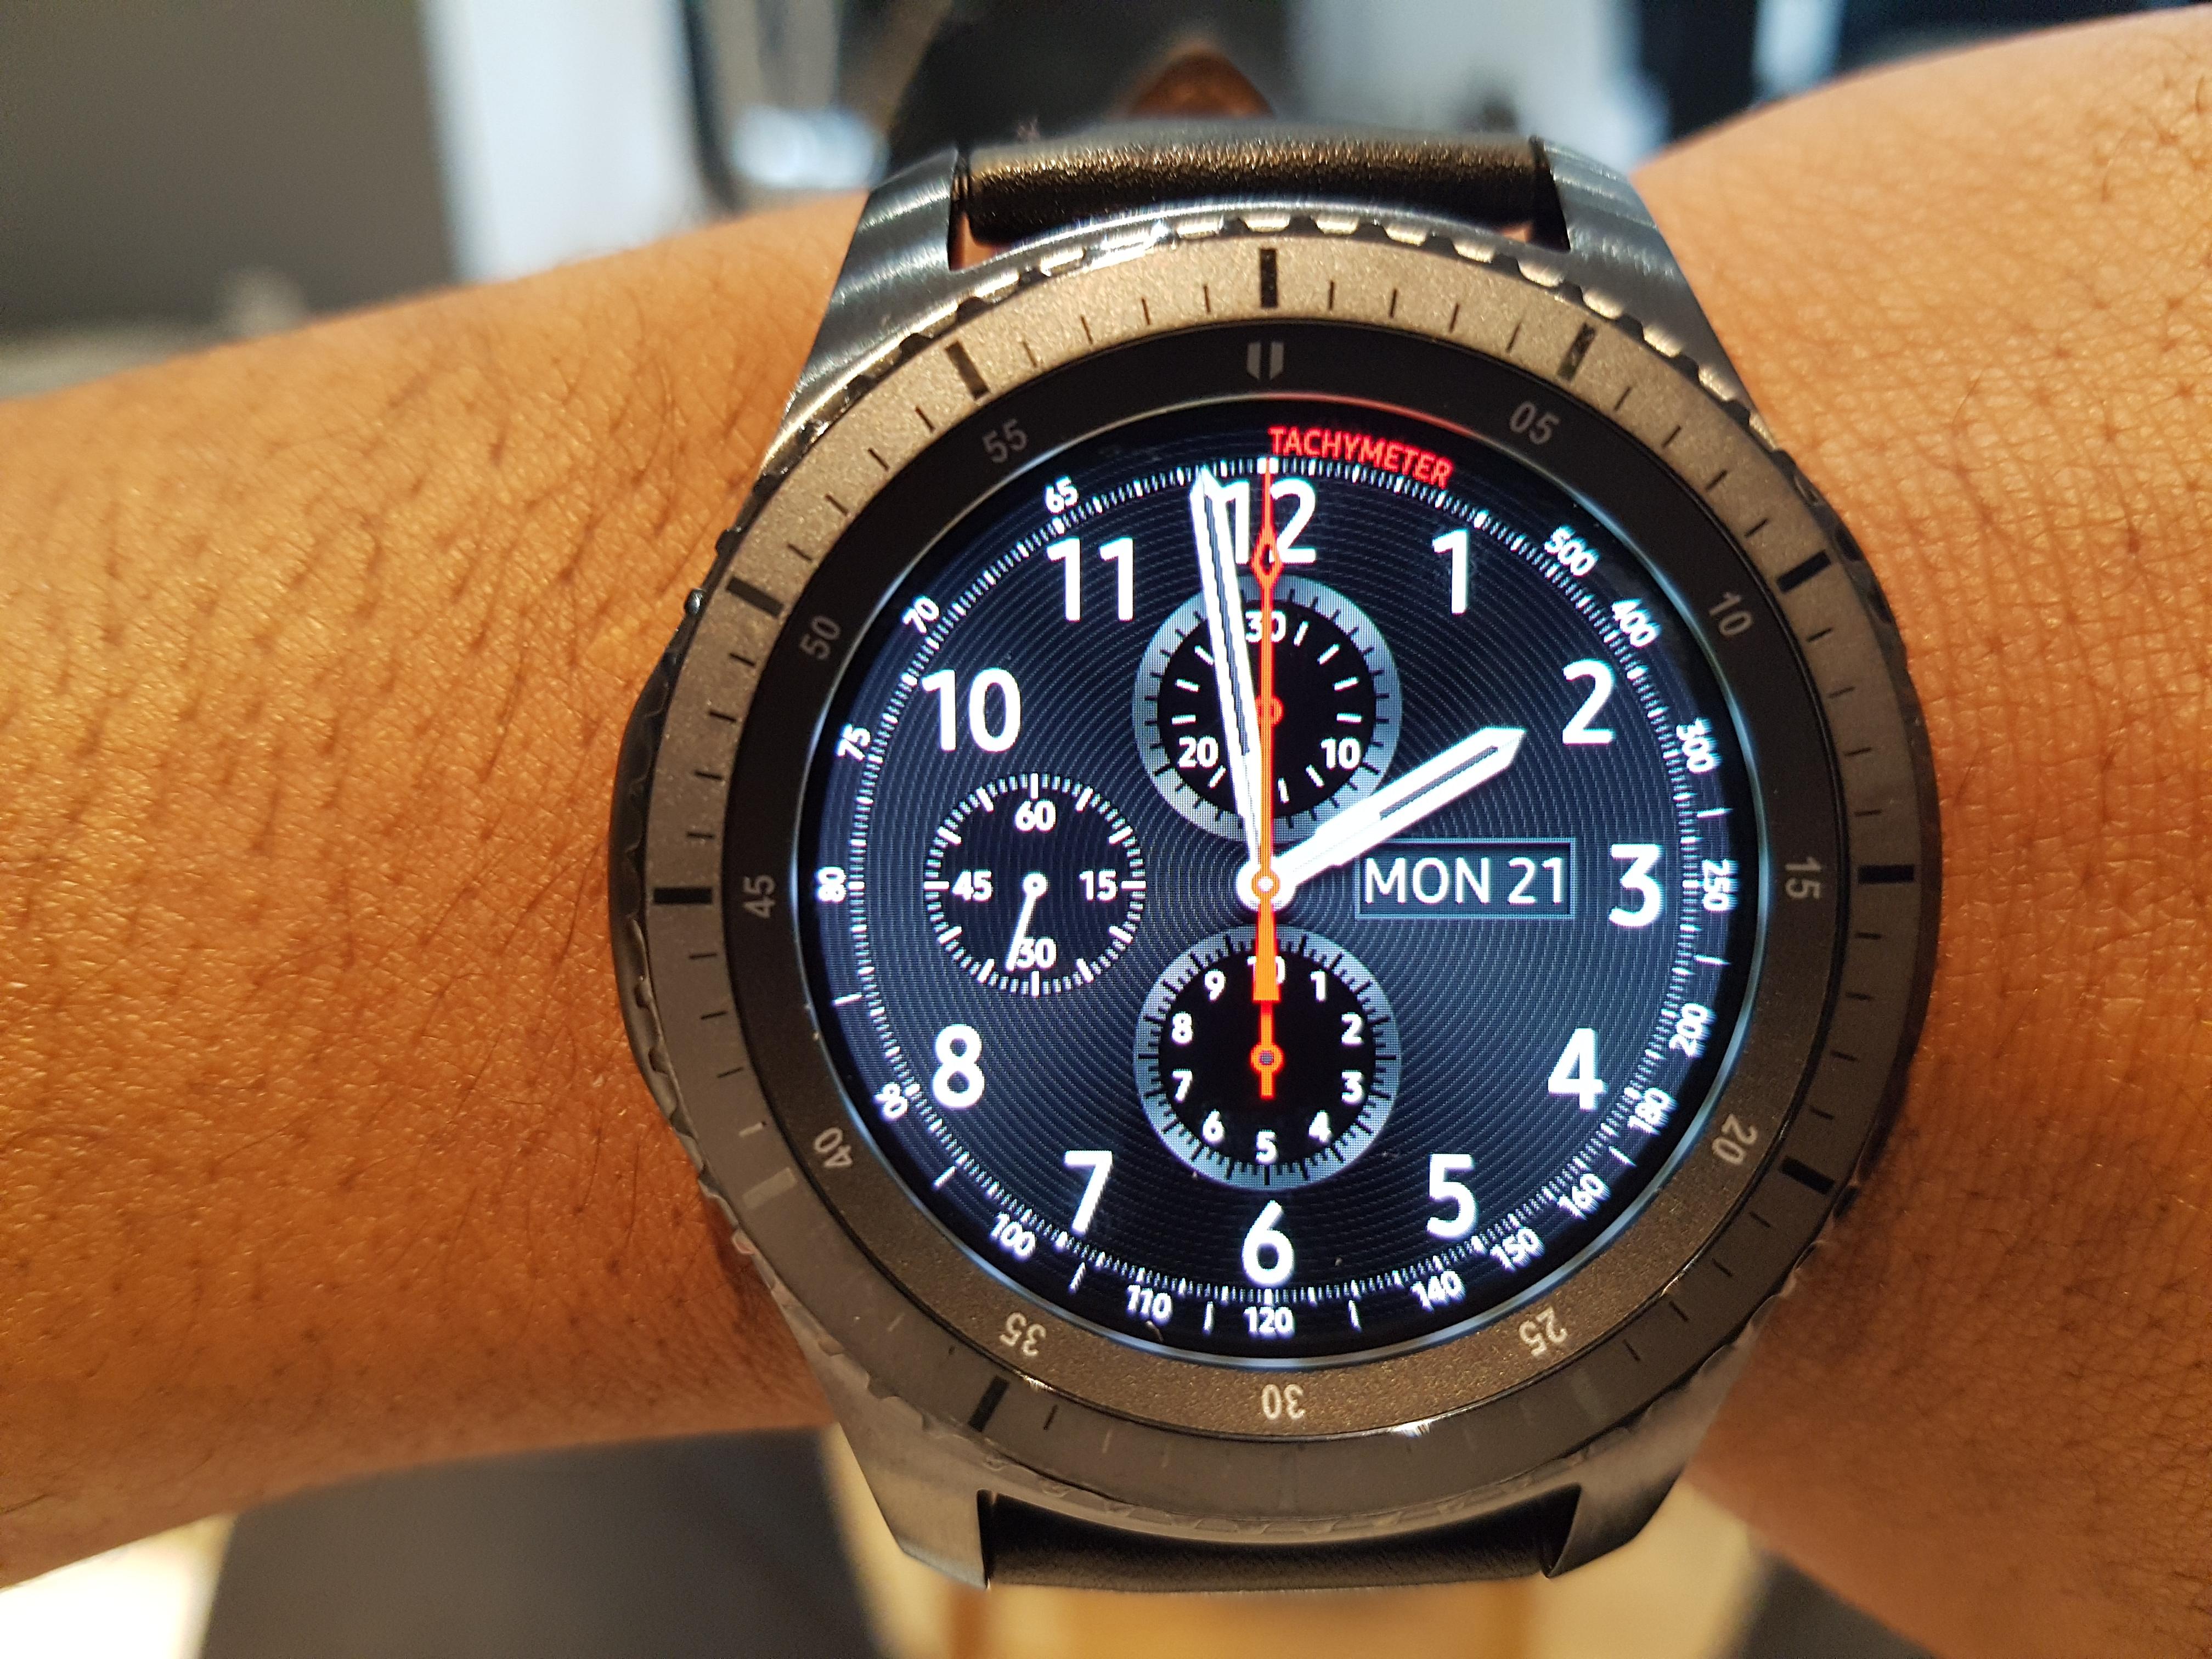 Samsung Gear S3 Frontier La Meilleure Montre Gps: Test Samsung Gear S3 Frontier